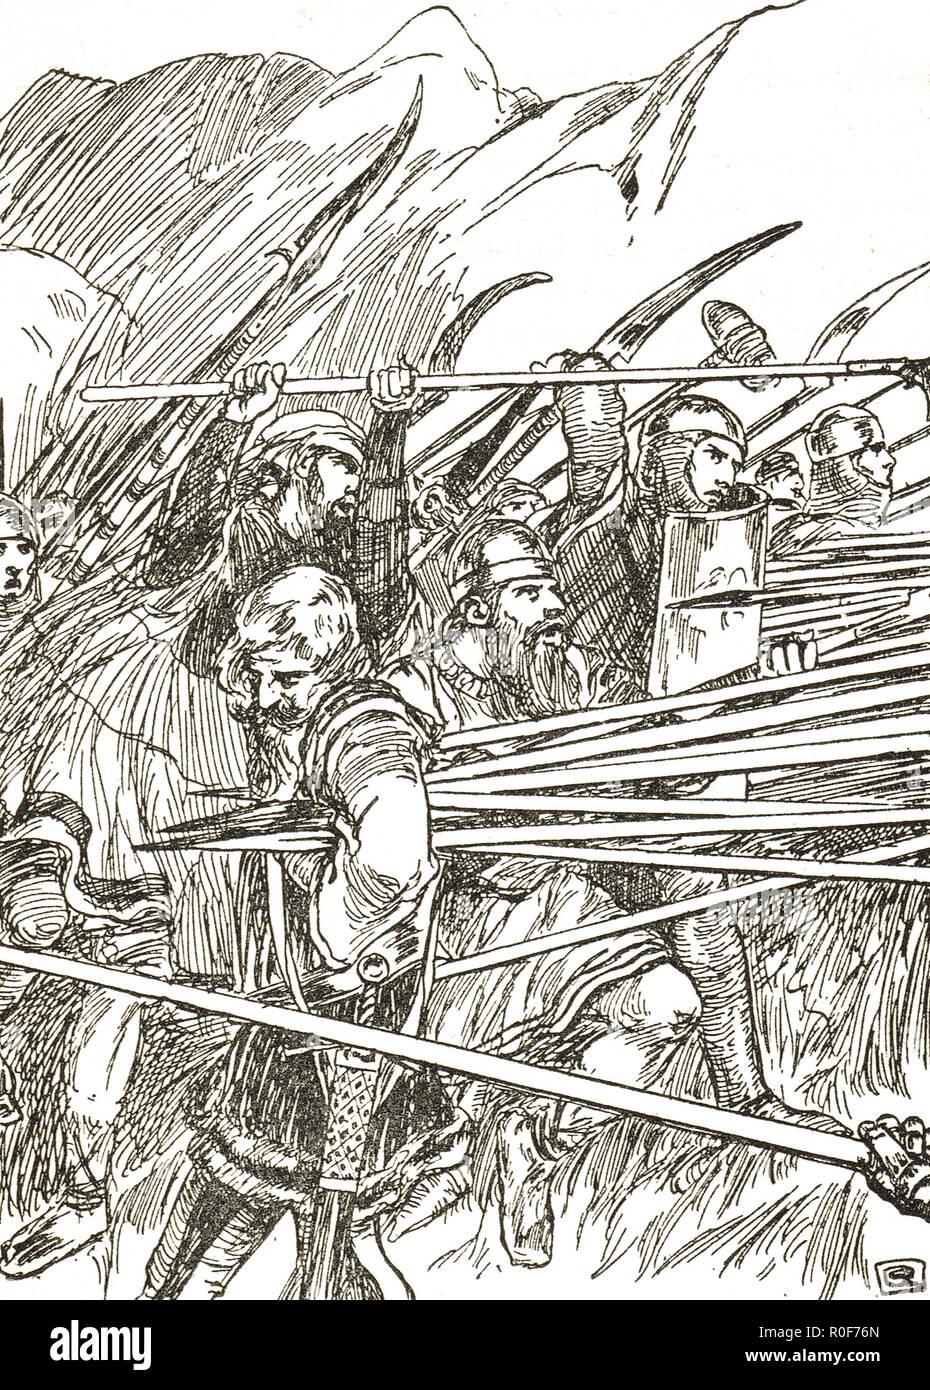 La muerte de Arnold von Winkelried, un héroe legendario de la historia Suiza, en la batalla de Sempach, 1386 Imagen De Stock